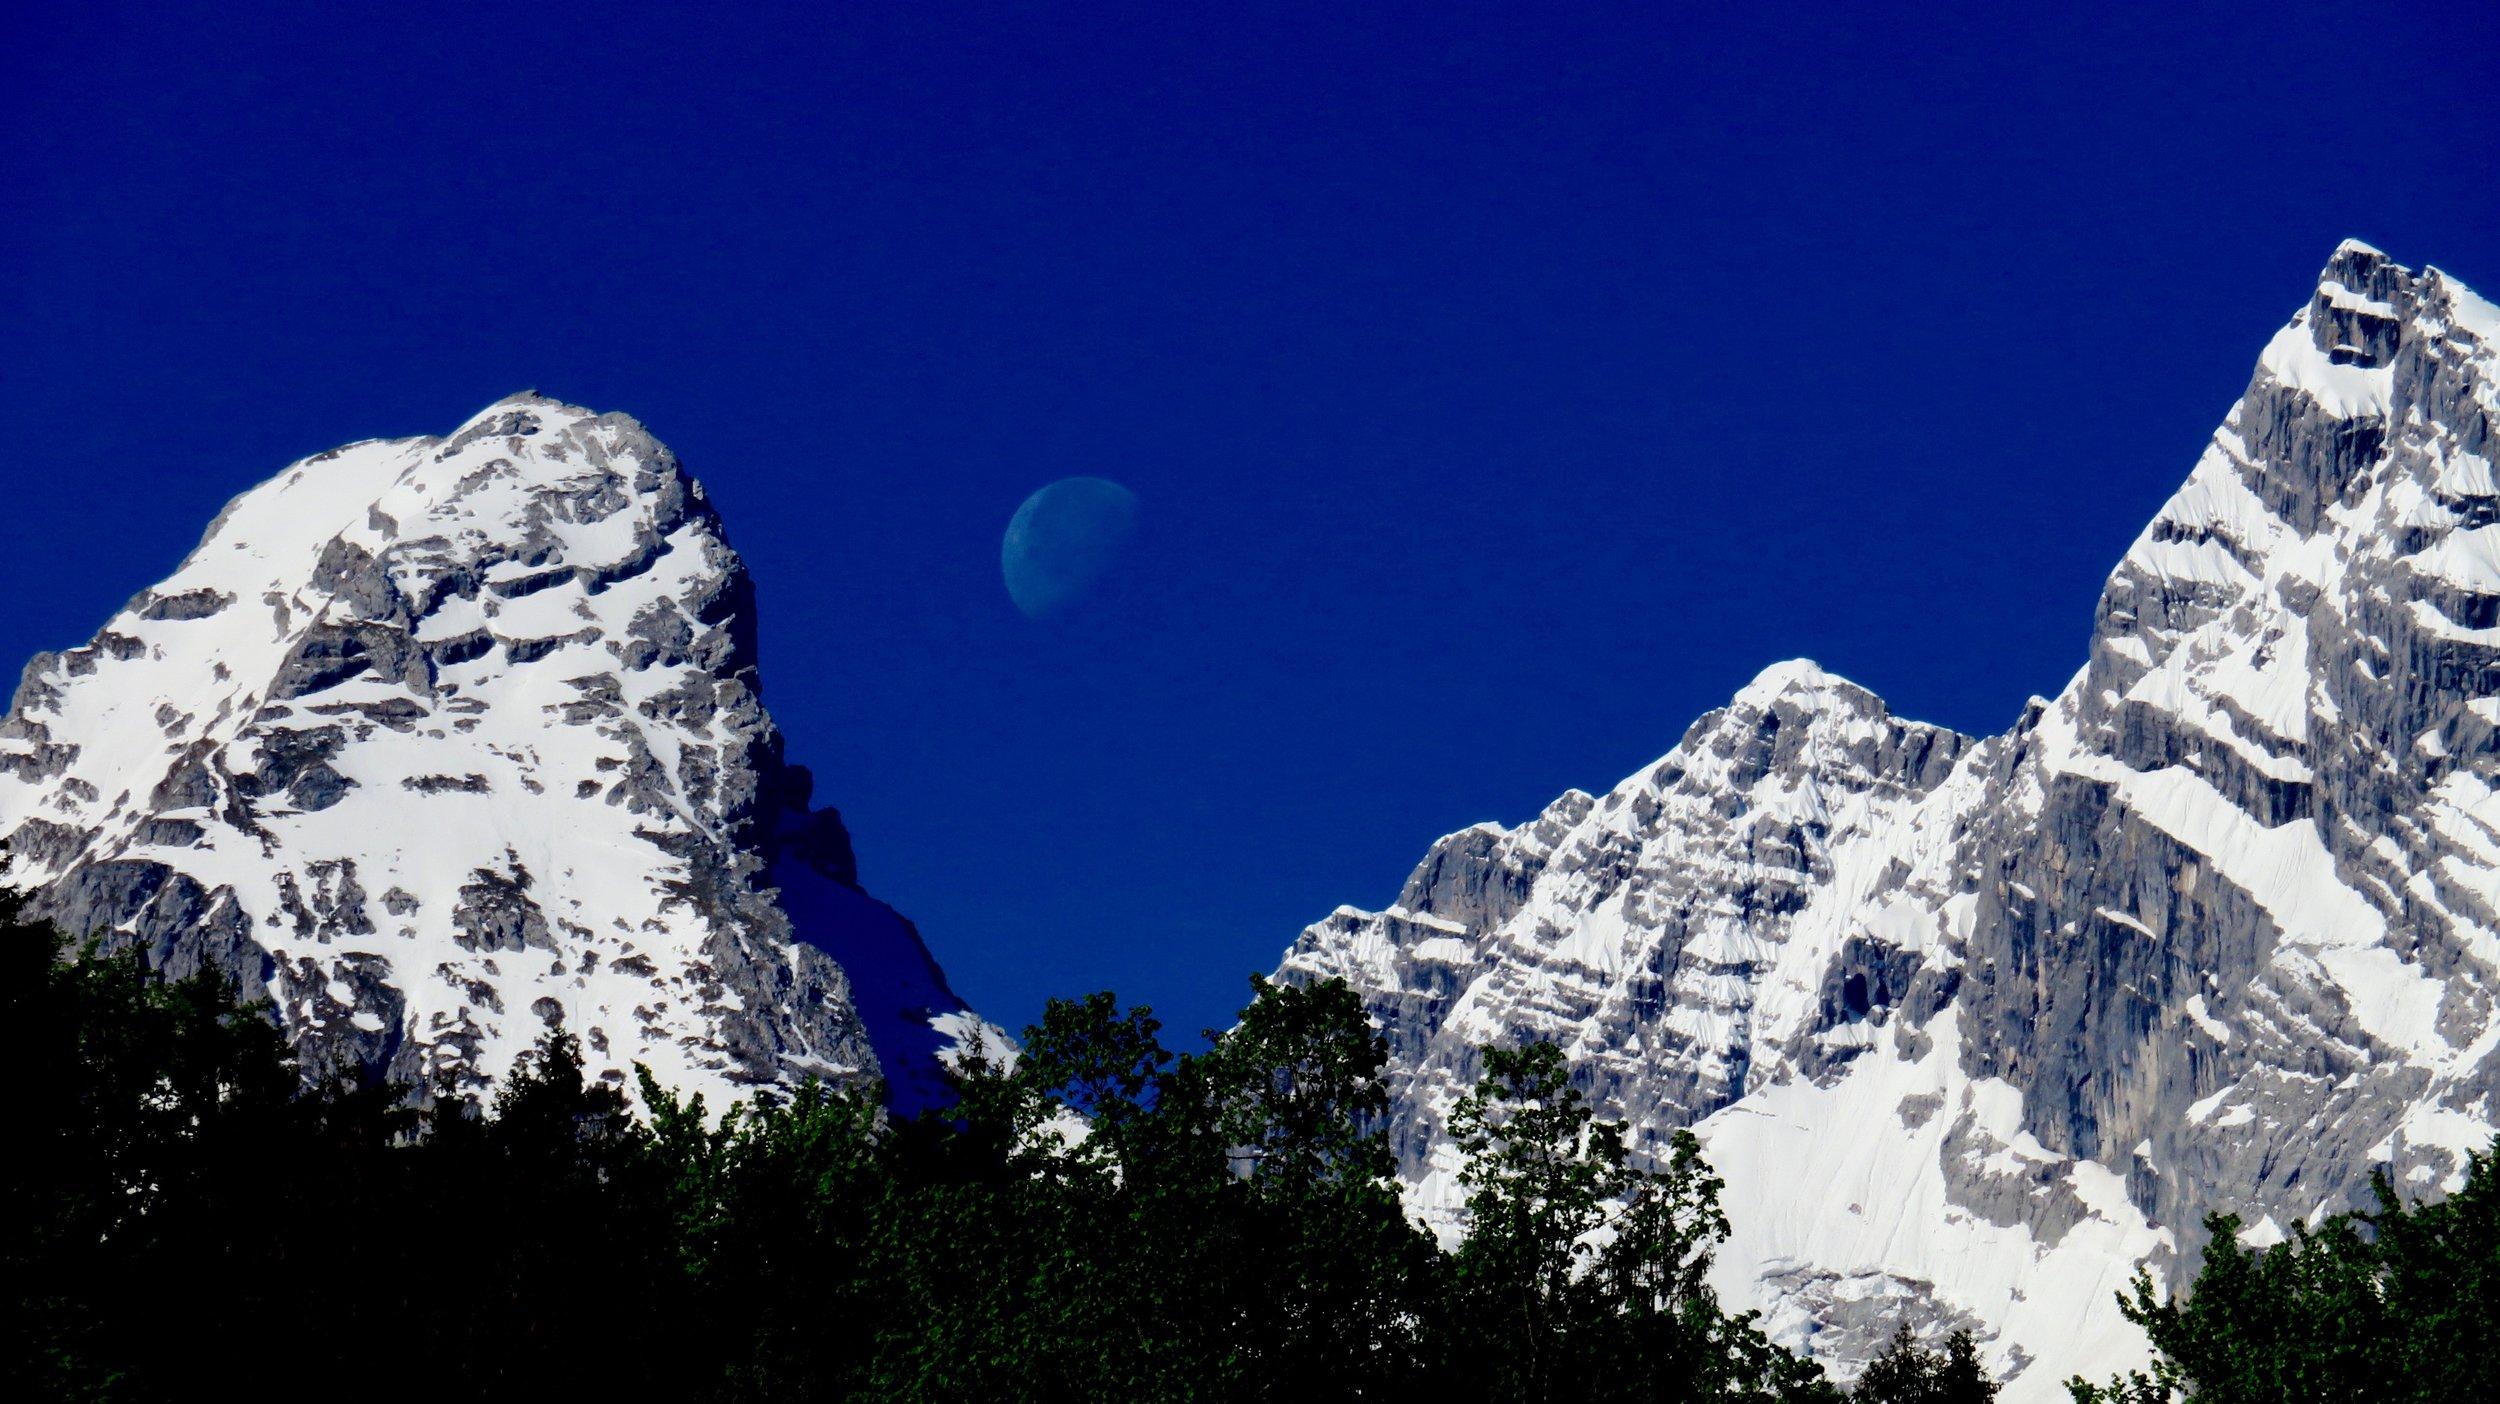 Moon & Mountains II